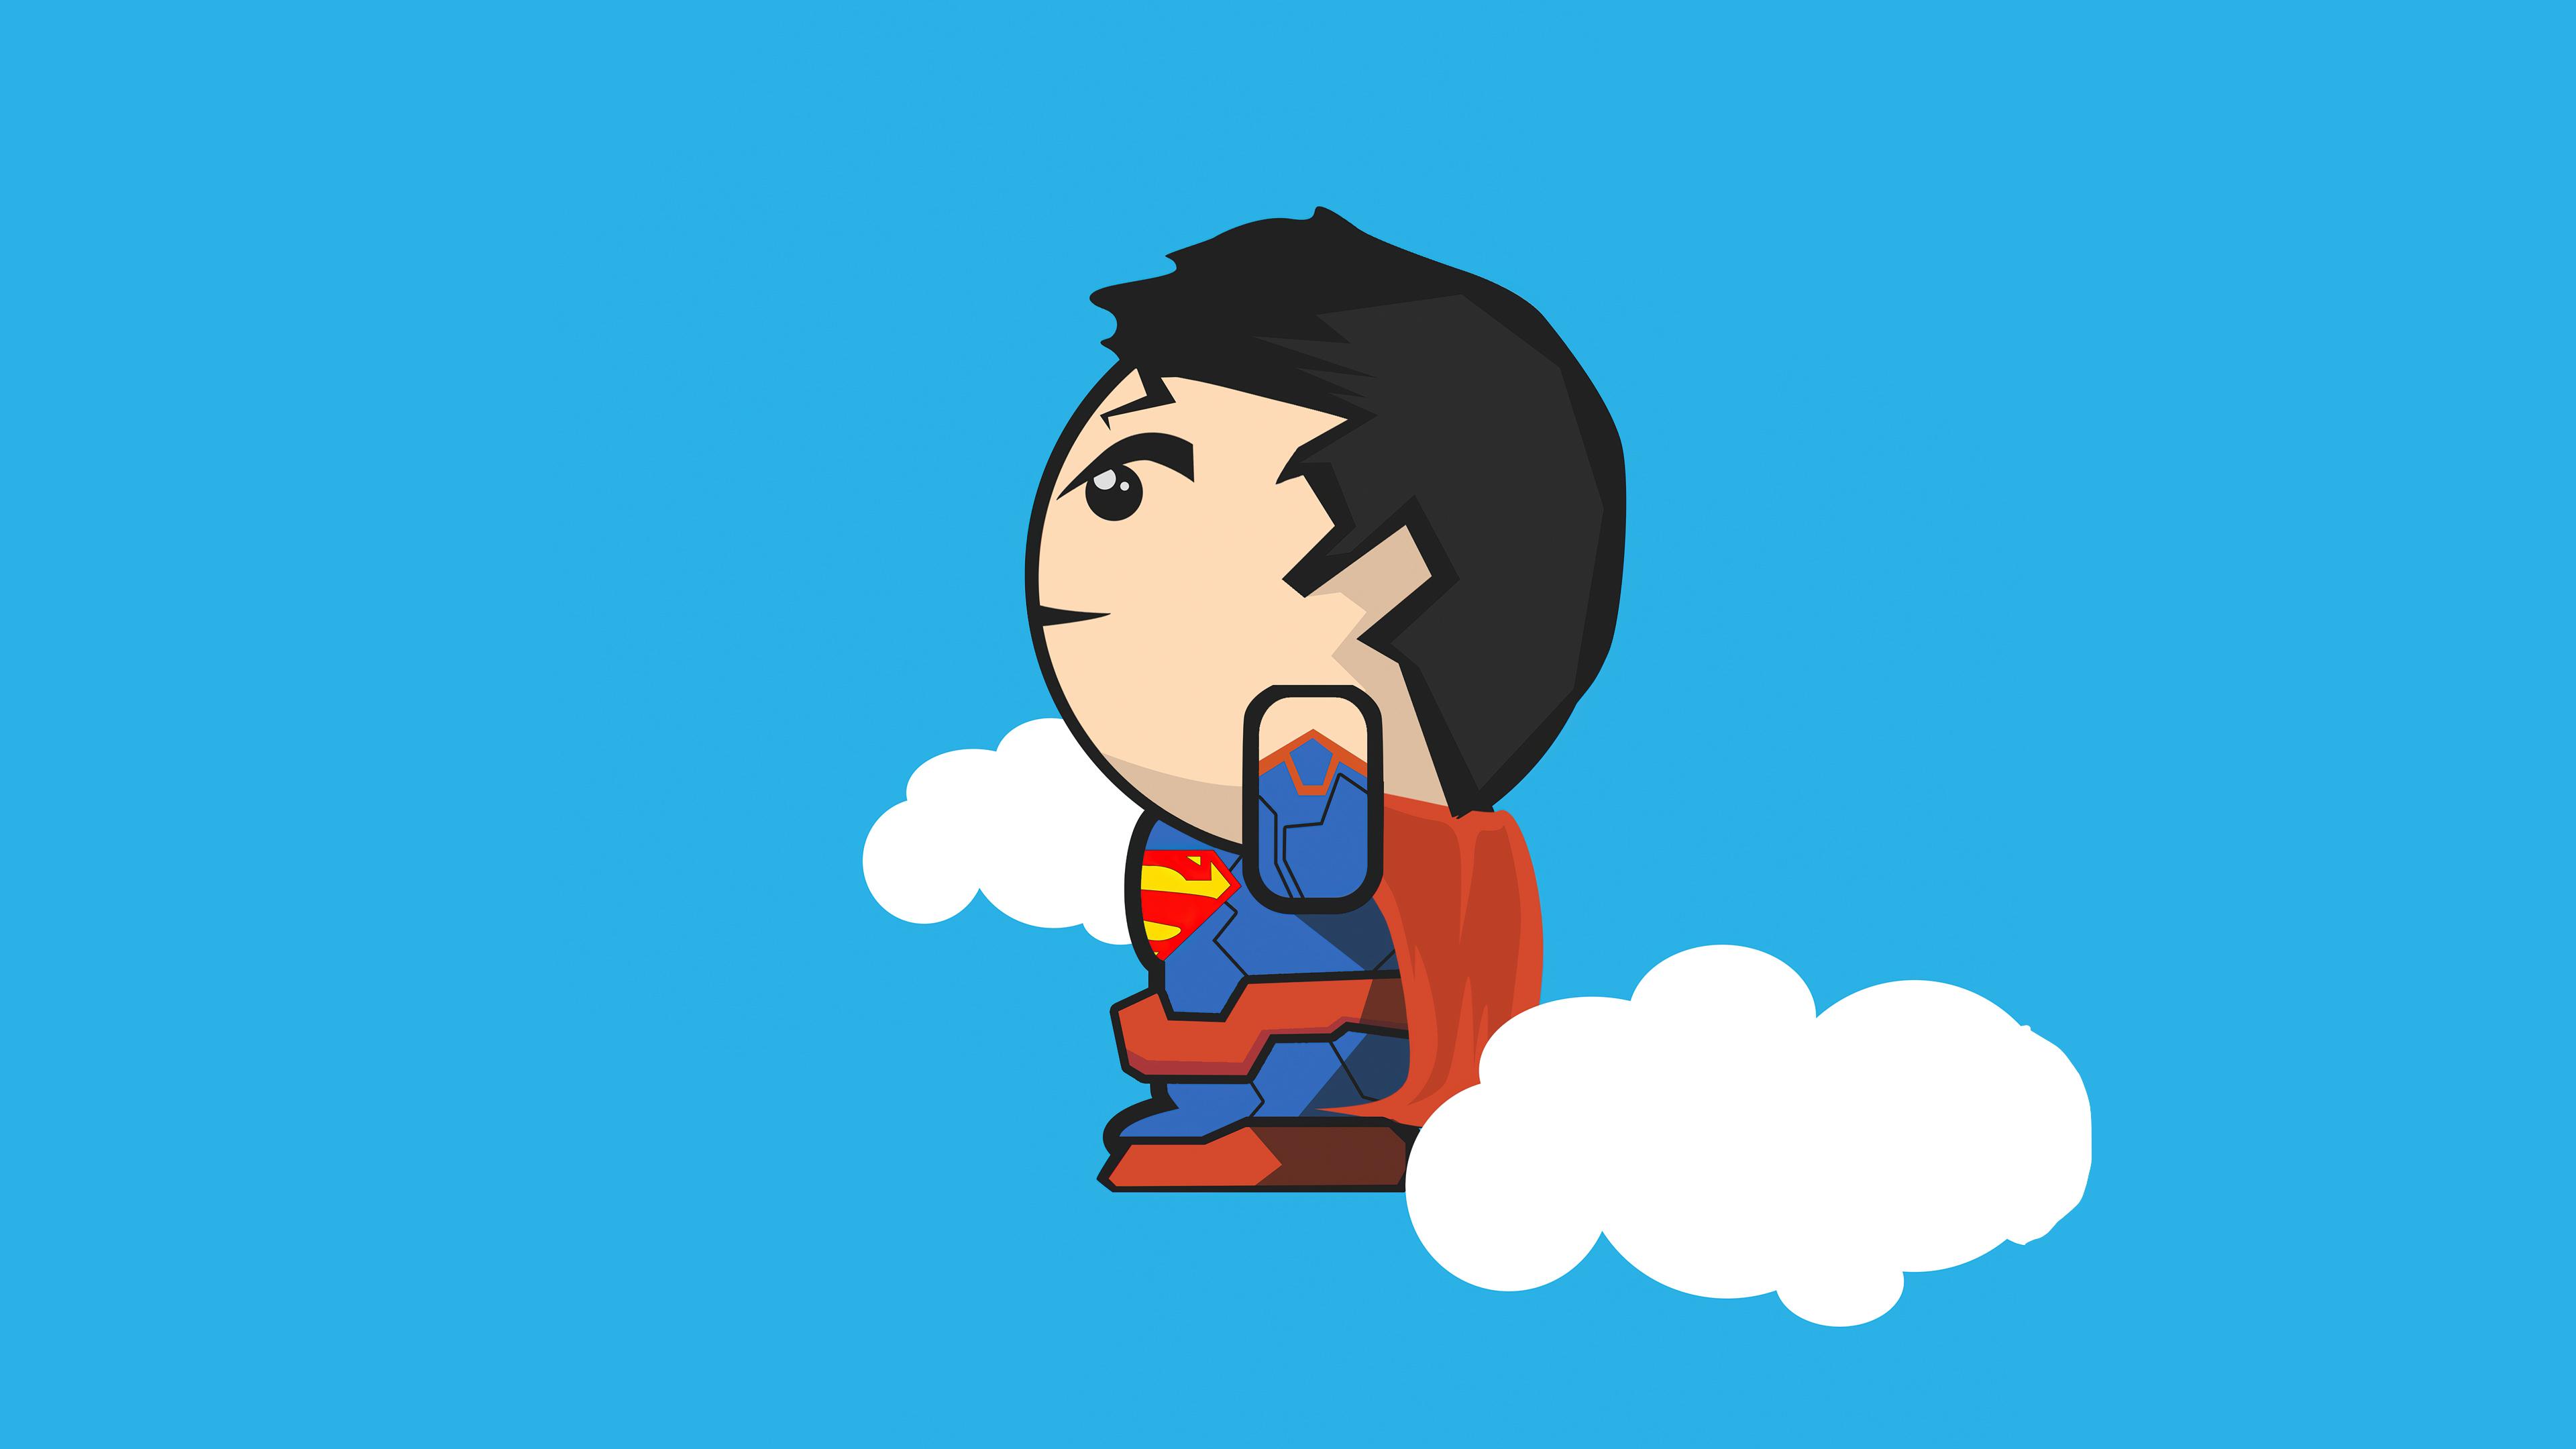 Fondos de pantalla Superman en las nubes minimalista